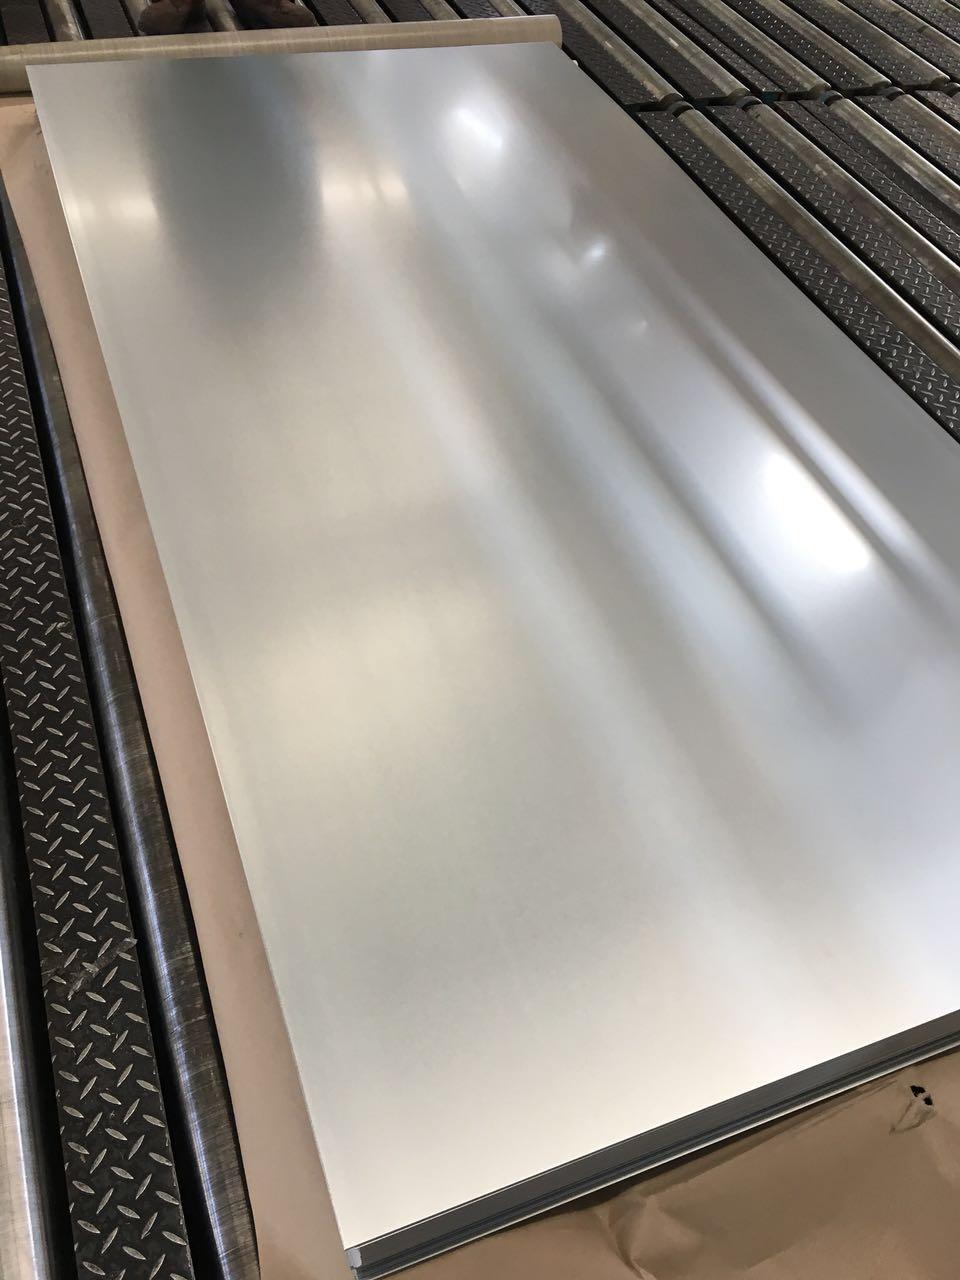 宝武安钢马钢友发正大专业生产武汉铝板批发